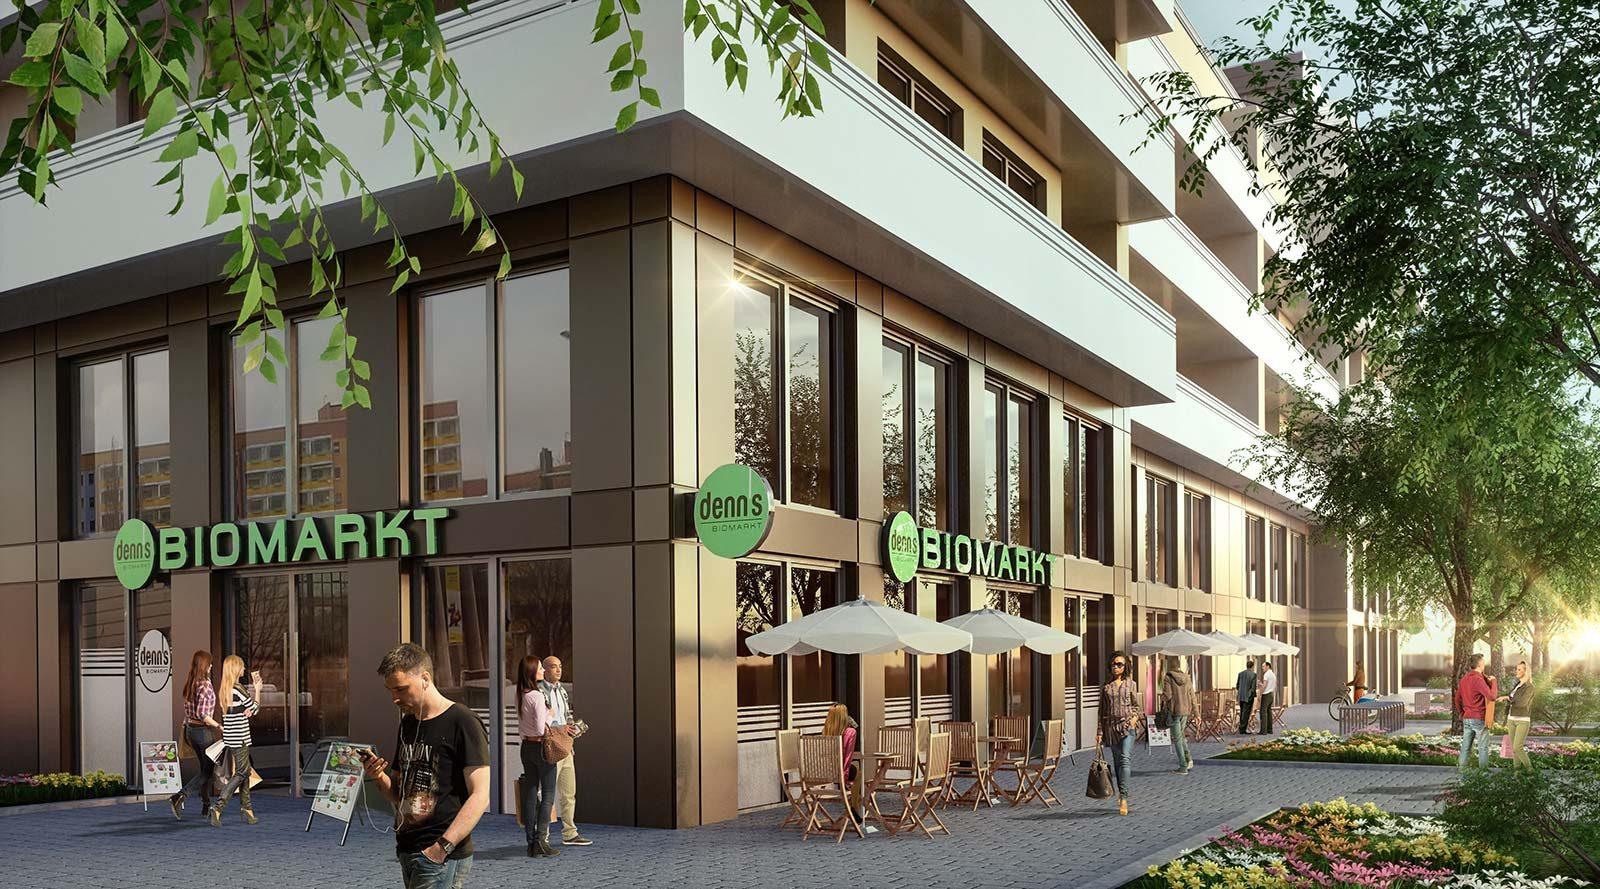 Bio Markt Potsdam - Architekturvisualisierung  Aussen